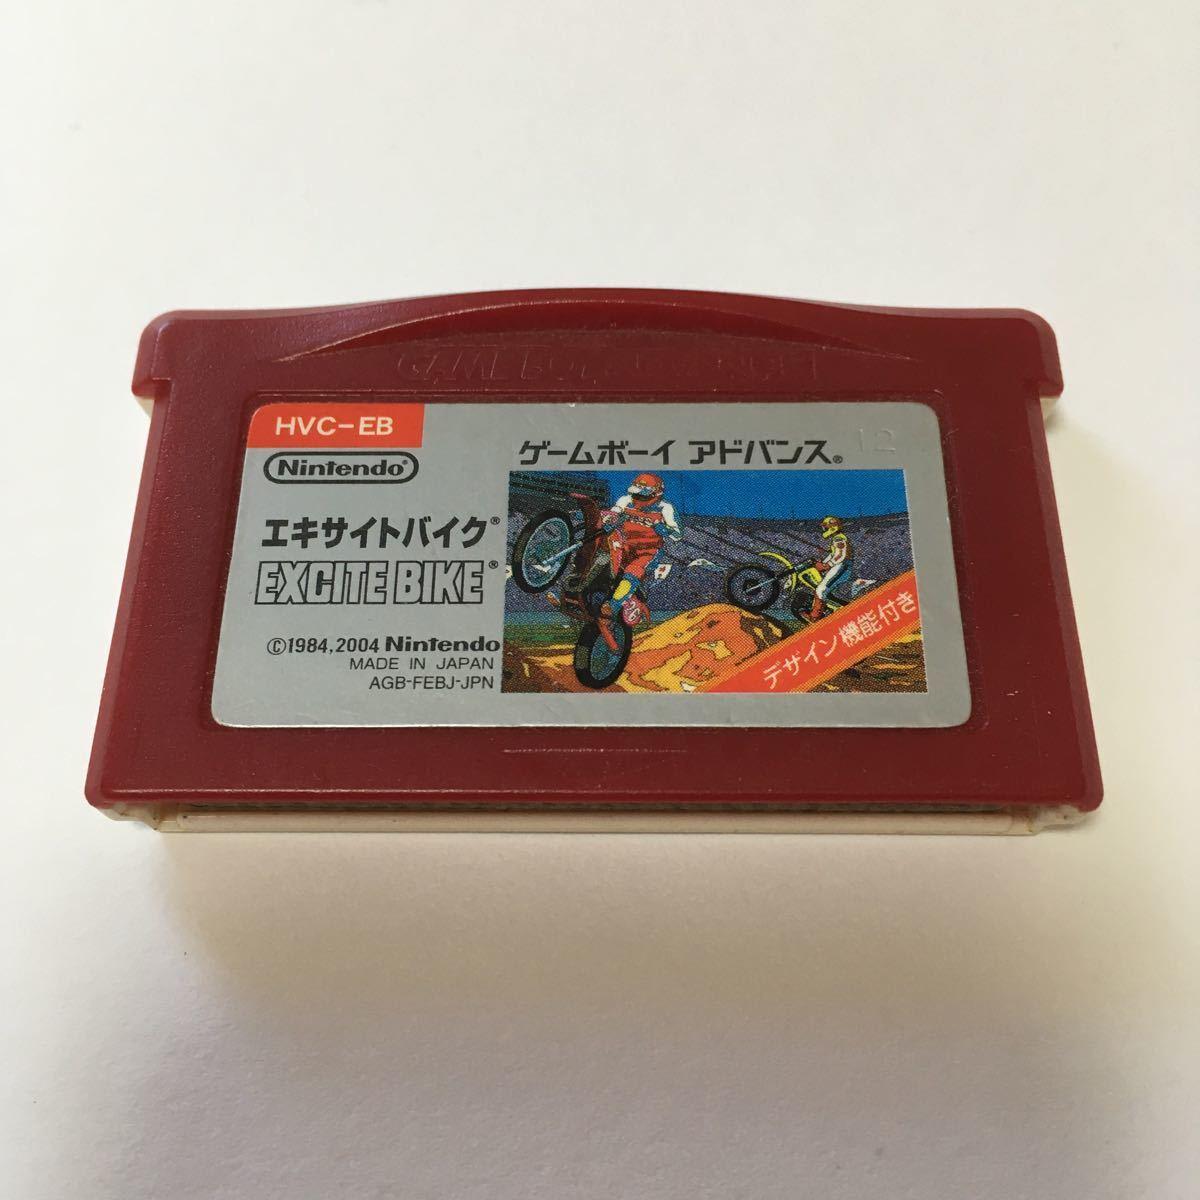 ゲームボーイアドバンス ソフト エキサイトバイク 動作確認済み ファミコン レトロ ゲーム カセット  GBA バイク レース